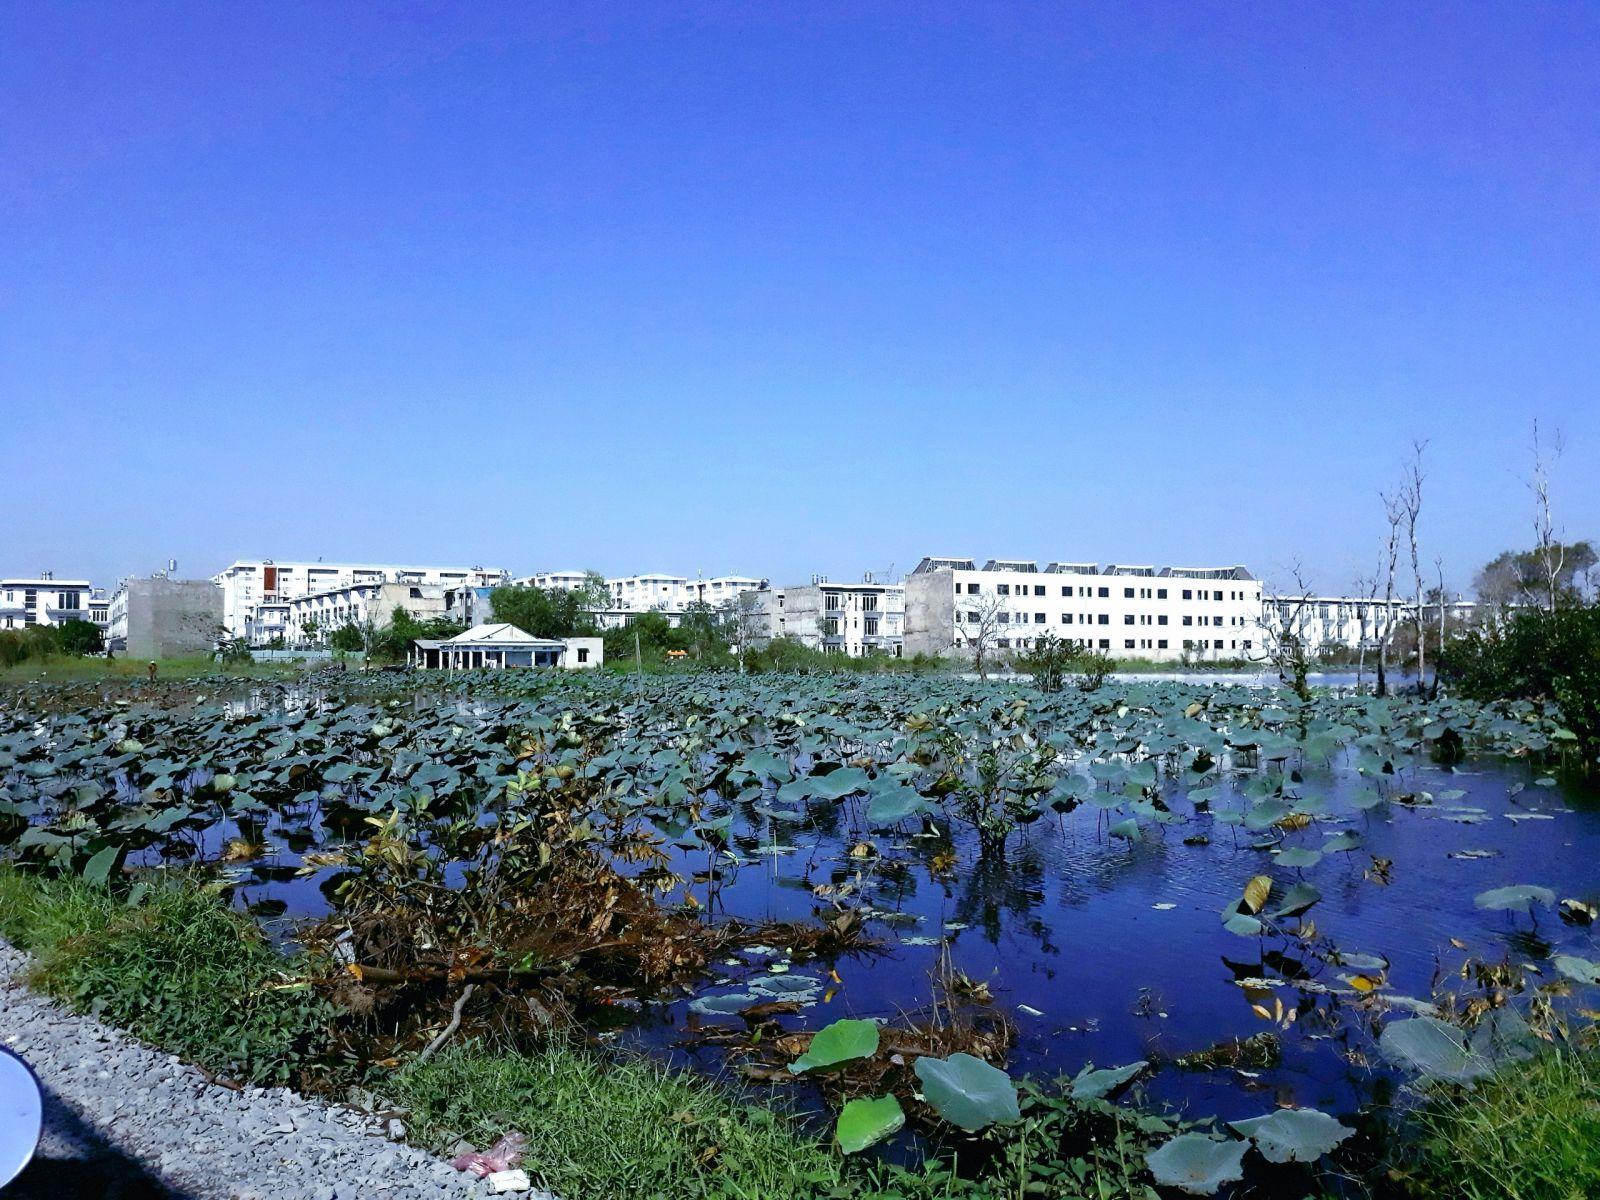 chung cư mỹ hanh cạnh view hồ sen